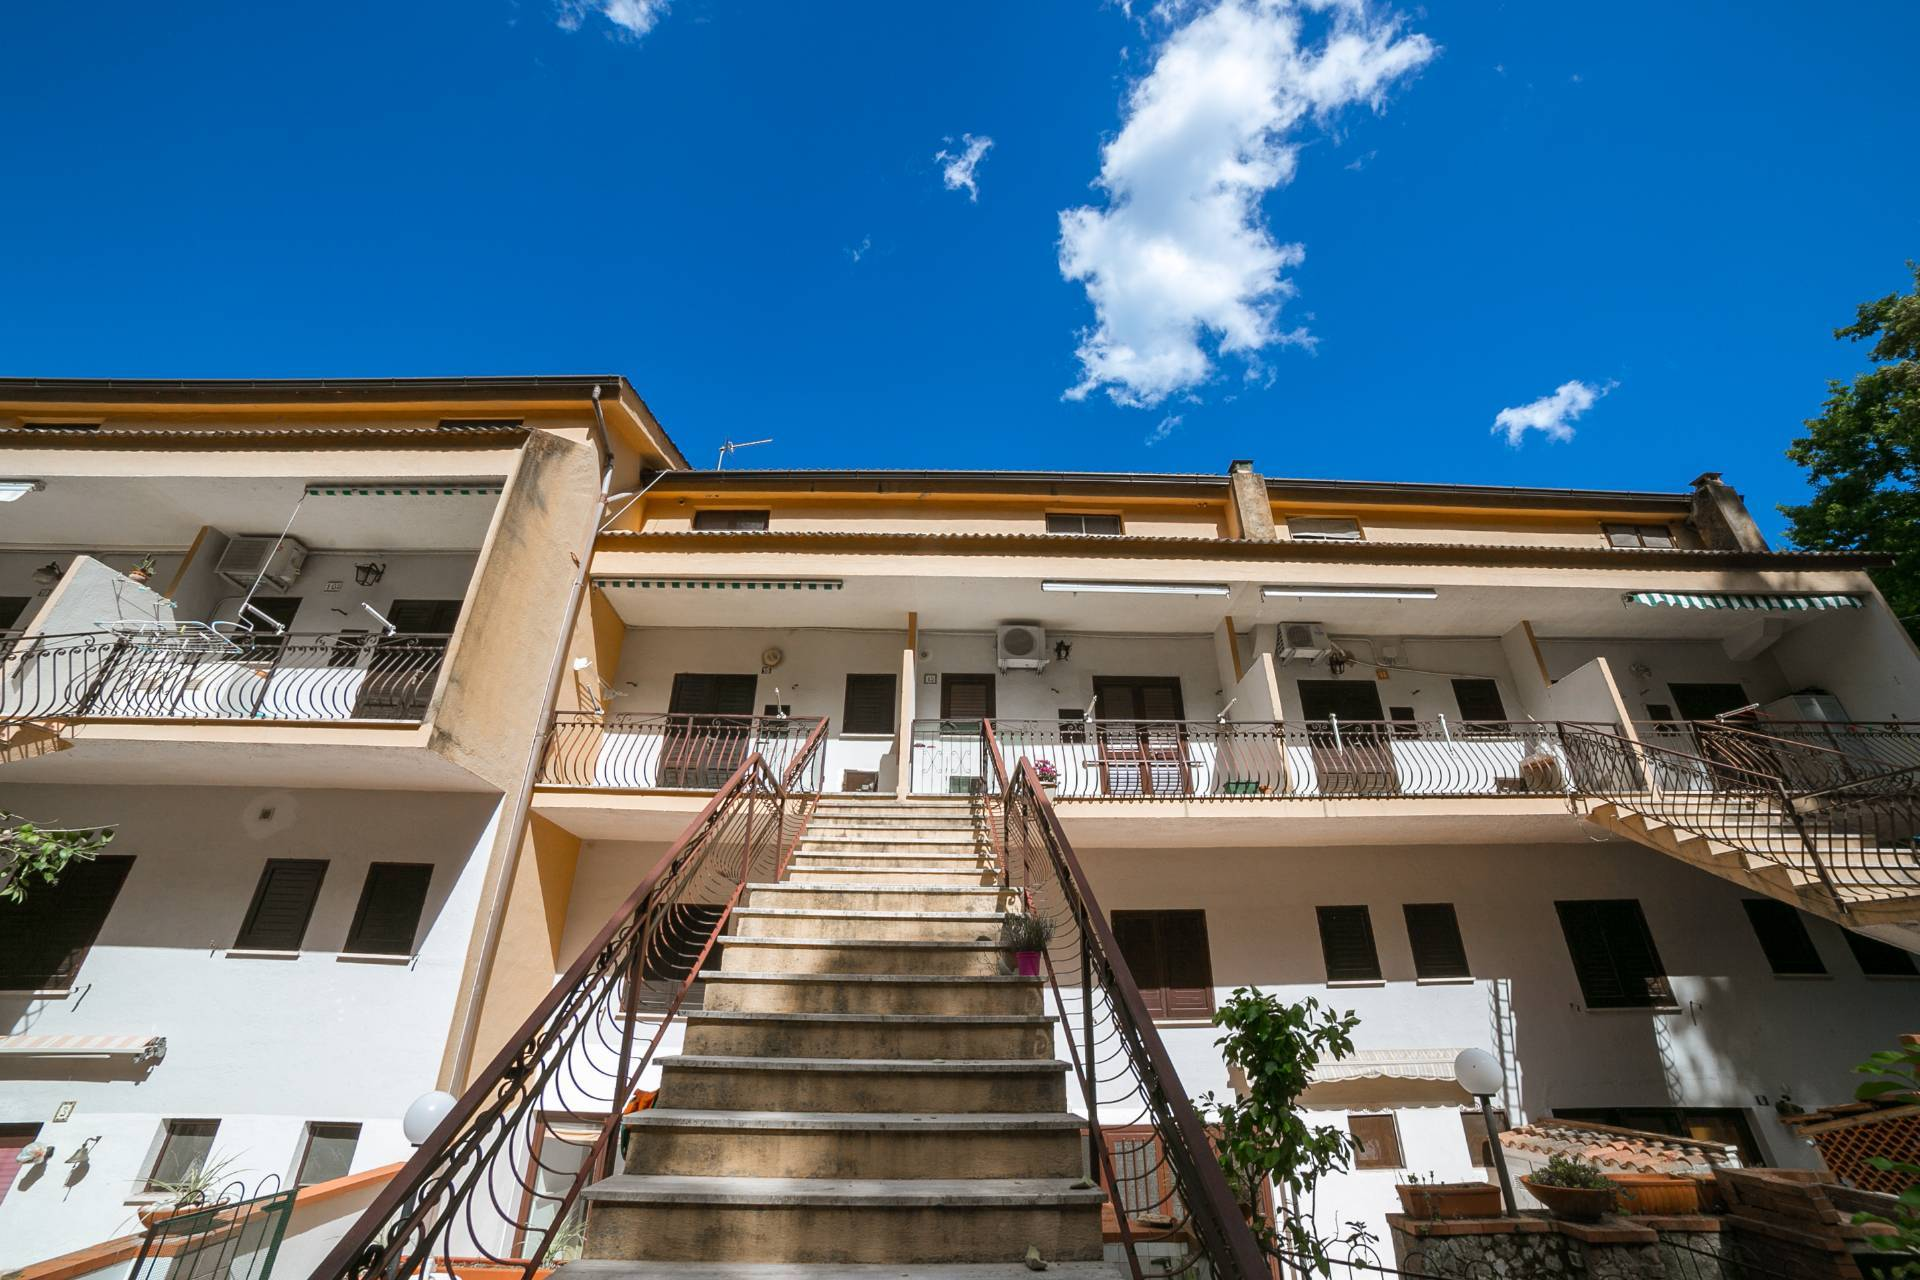 Appartamento in vendita a San Giovanni a Piro, 3 locali, zona Zona: Scario, prezzo € 59.000 | CambioCasa.it